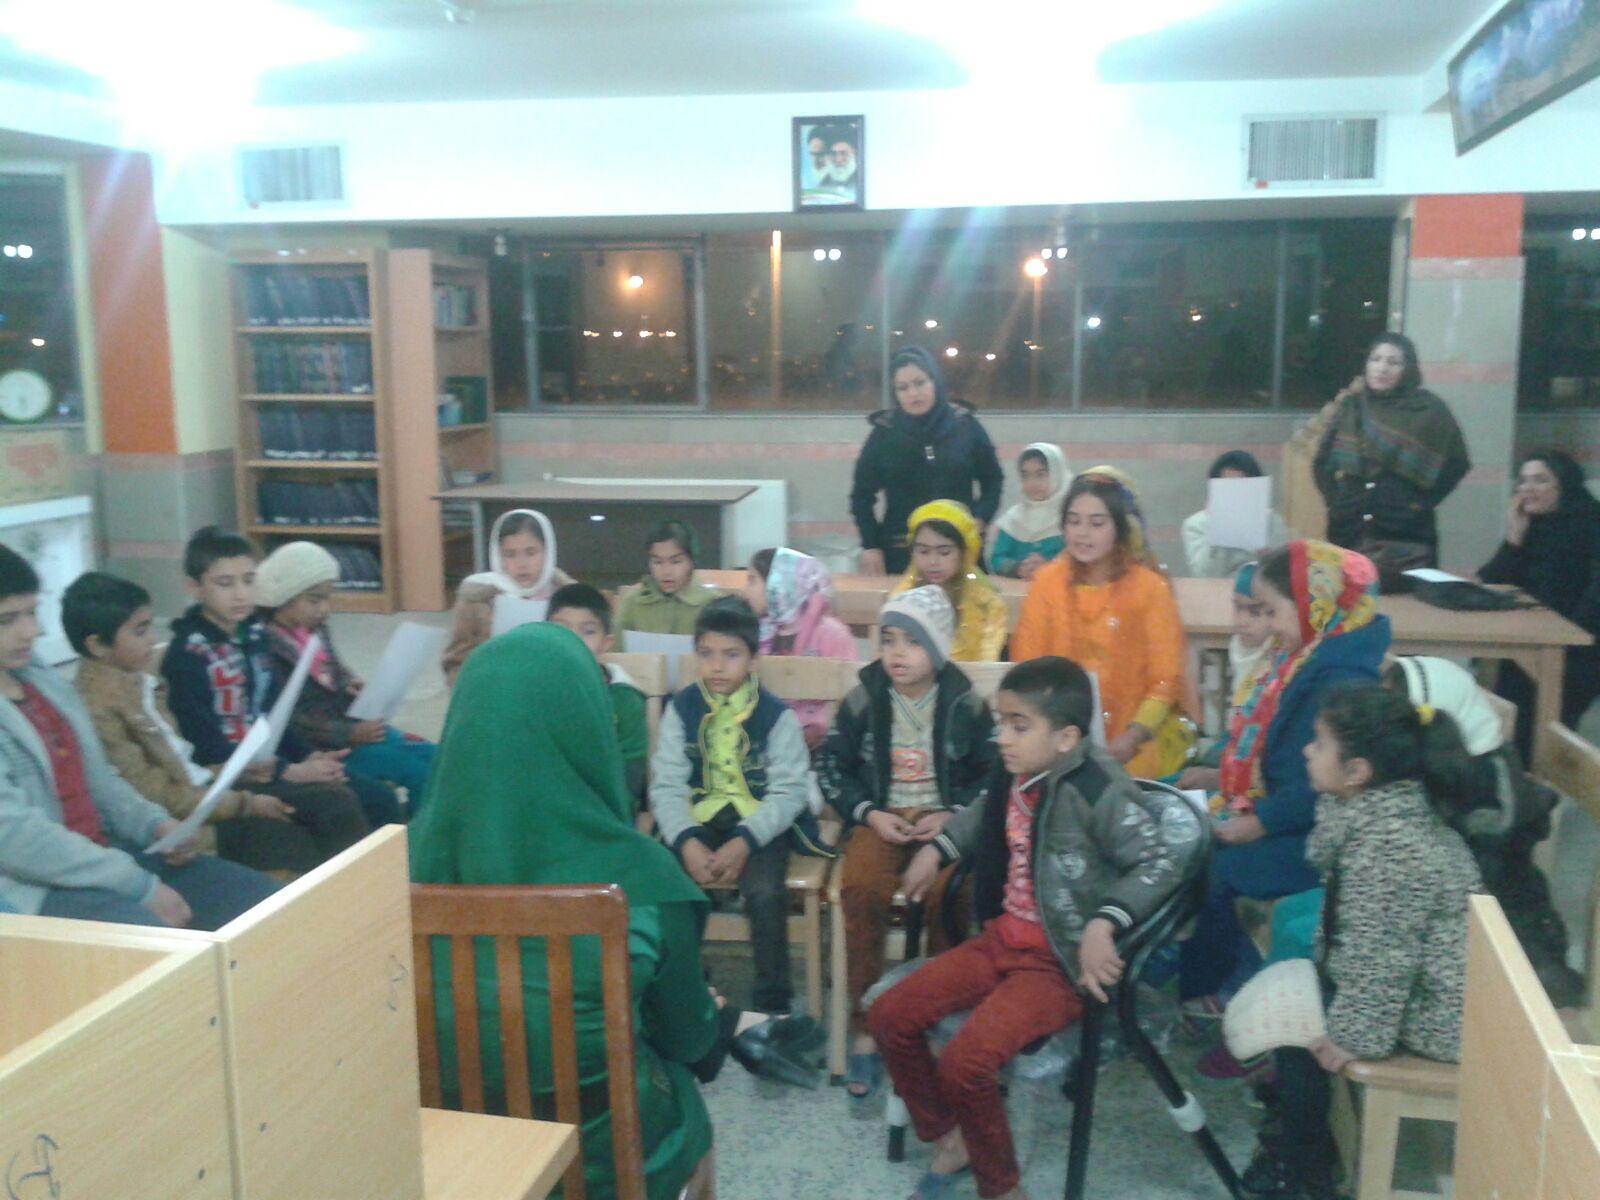 دومین جلسه گروه سرود کودکان قشقایی